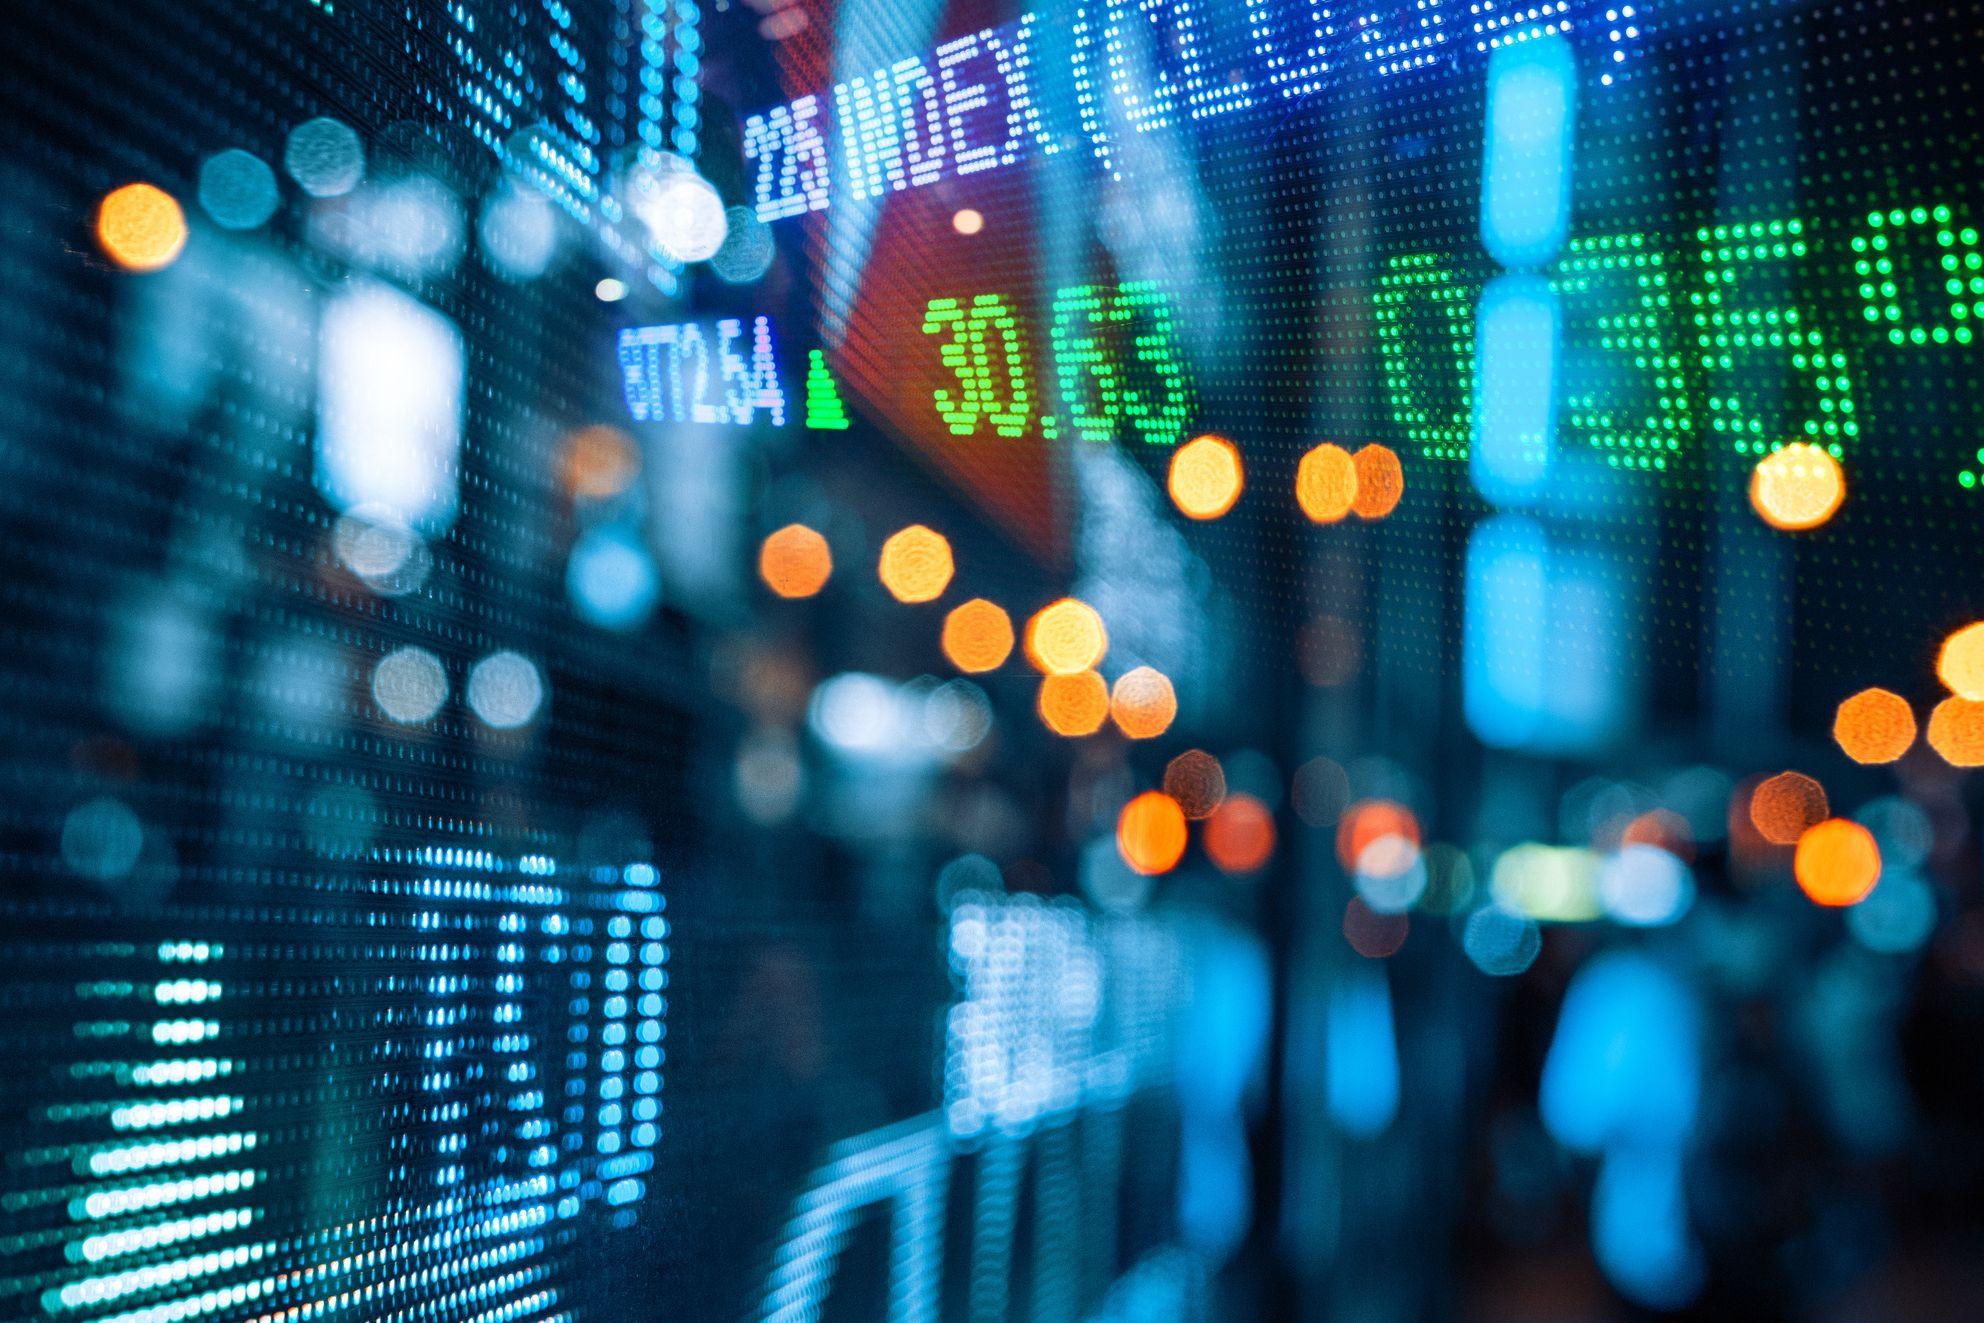 Bolsas europeias em alta. Investidores atentos a conversações EUA/China